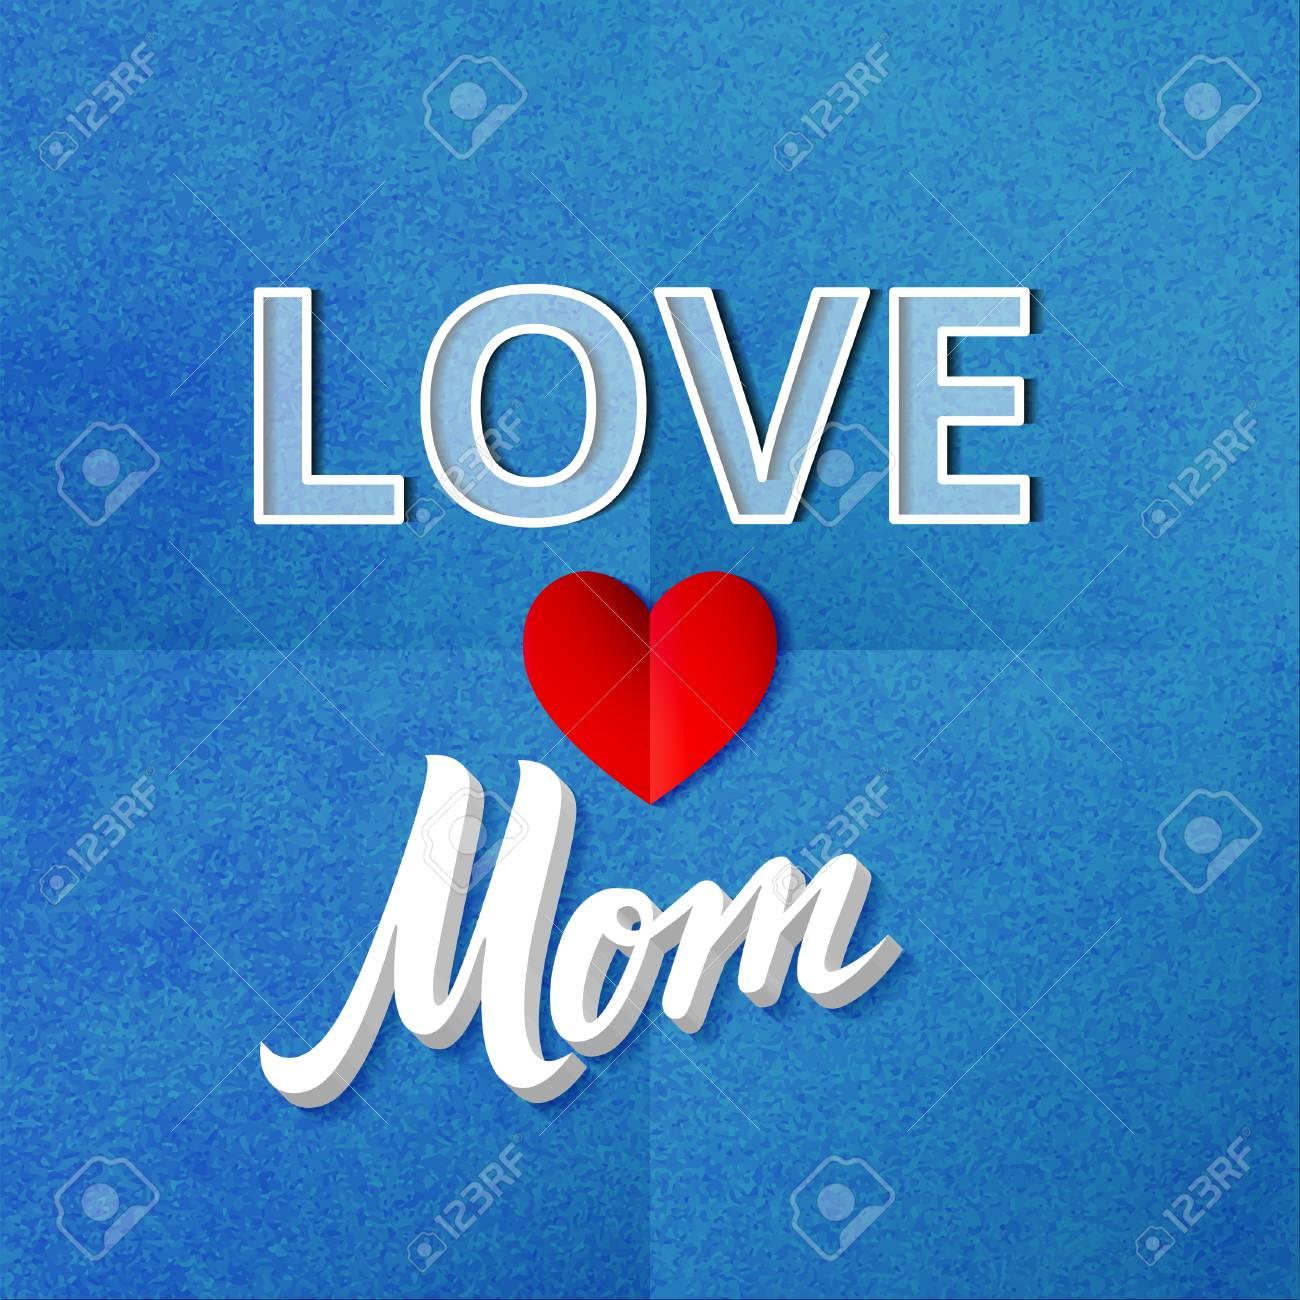 Liebe Mama Plakat. Vektor Texturiert Illustration Mit Herzform. Blau ...